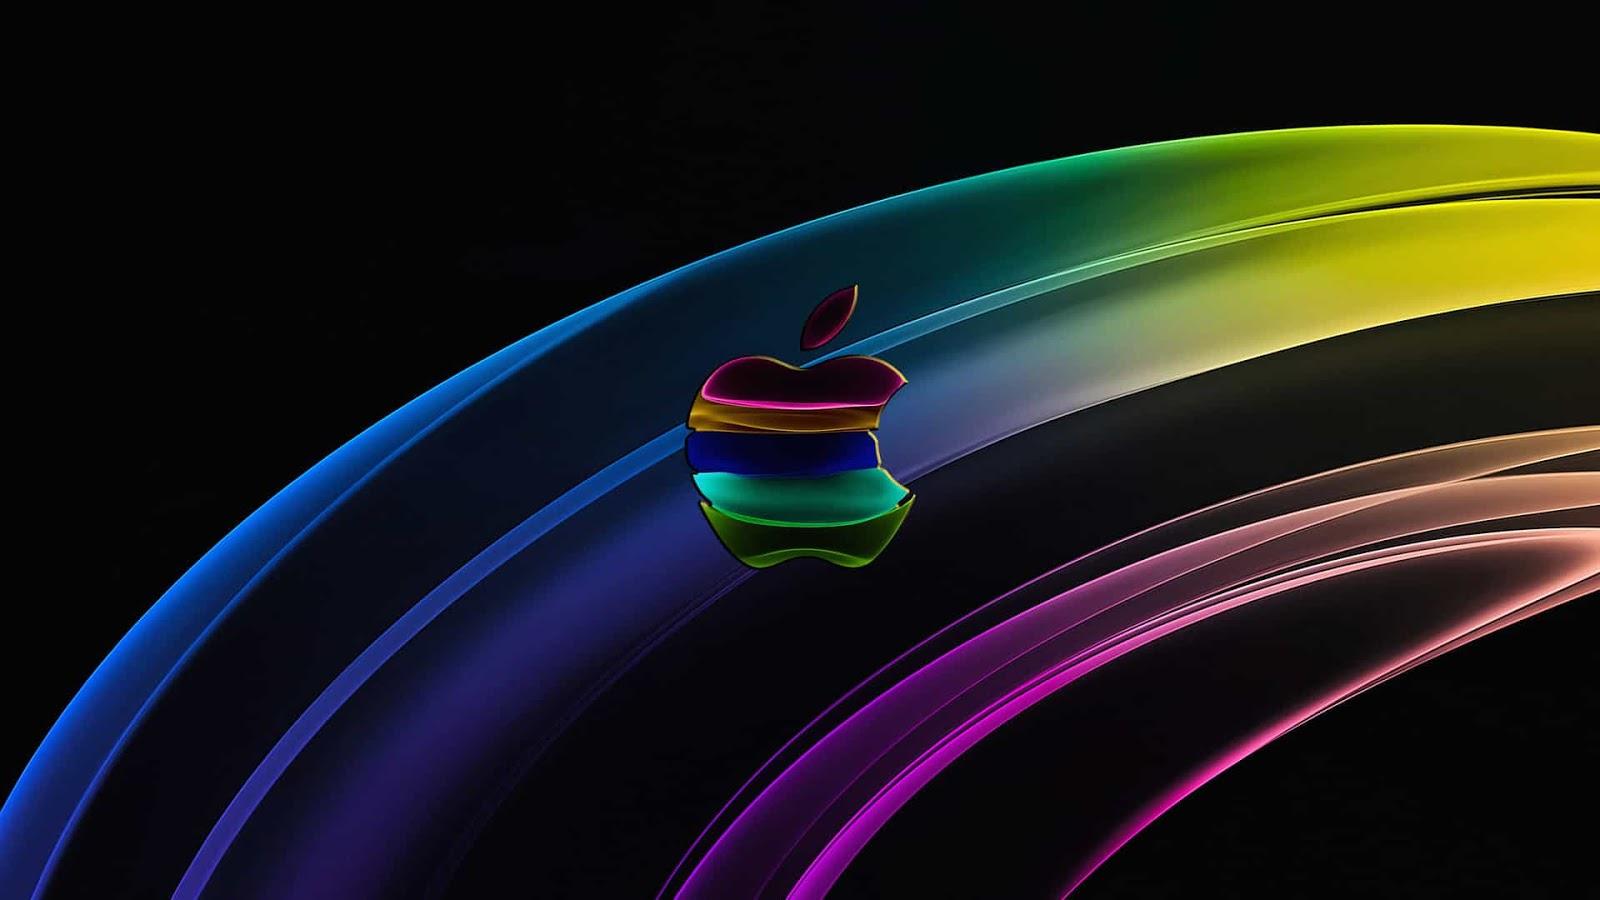 اجمل خلفيات شاشه 2020 للكمبيوتر والاب توب بجودة Full Hd